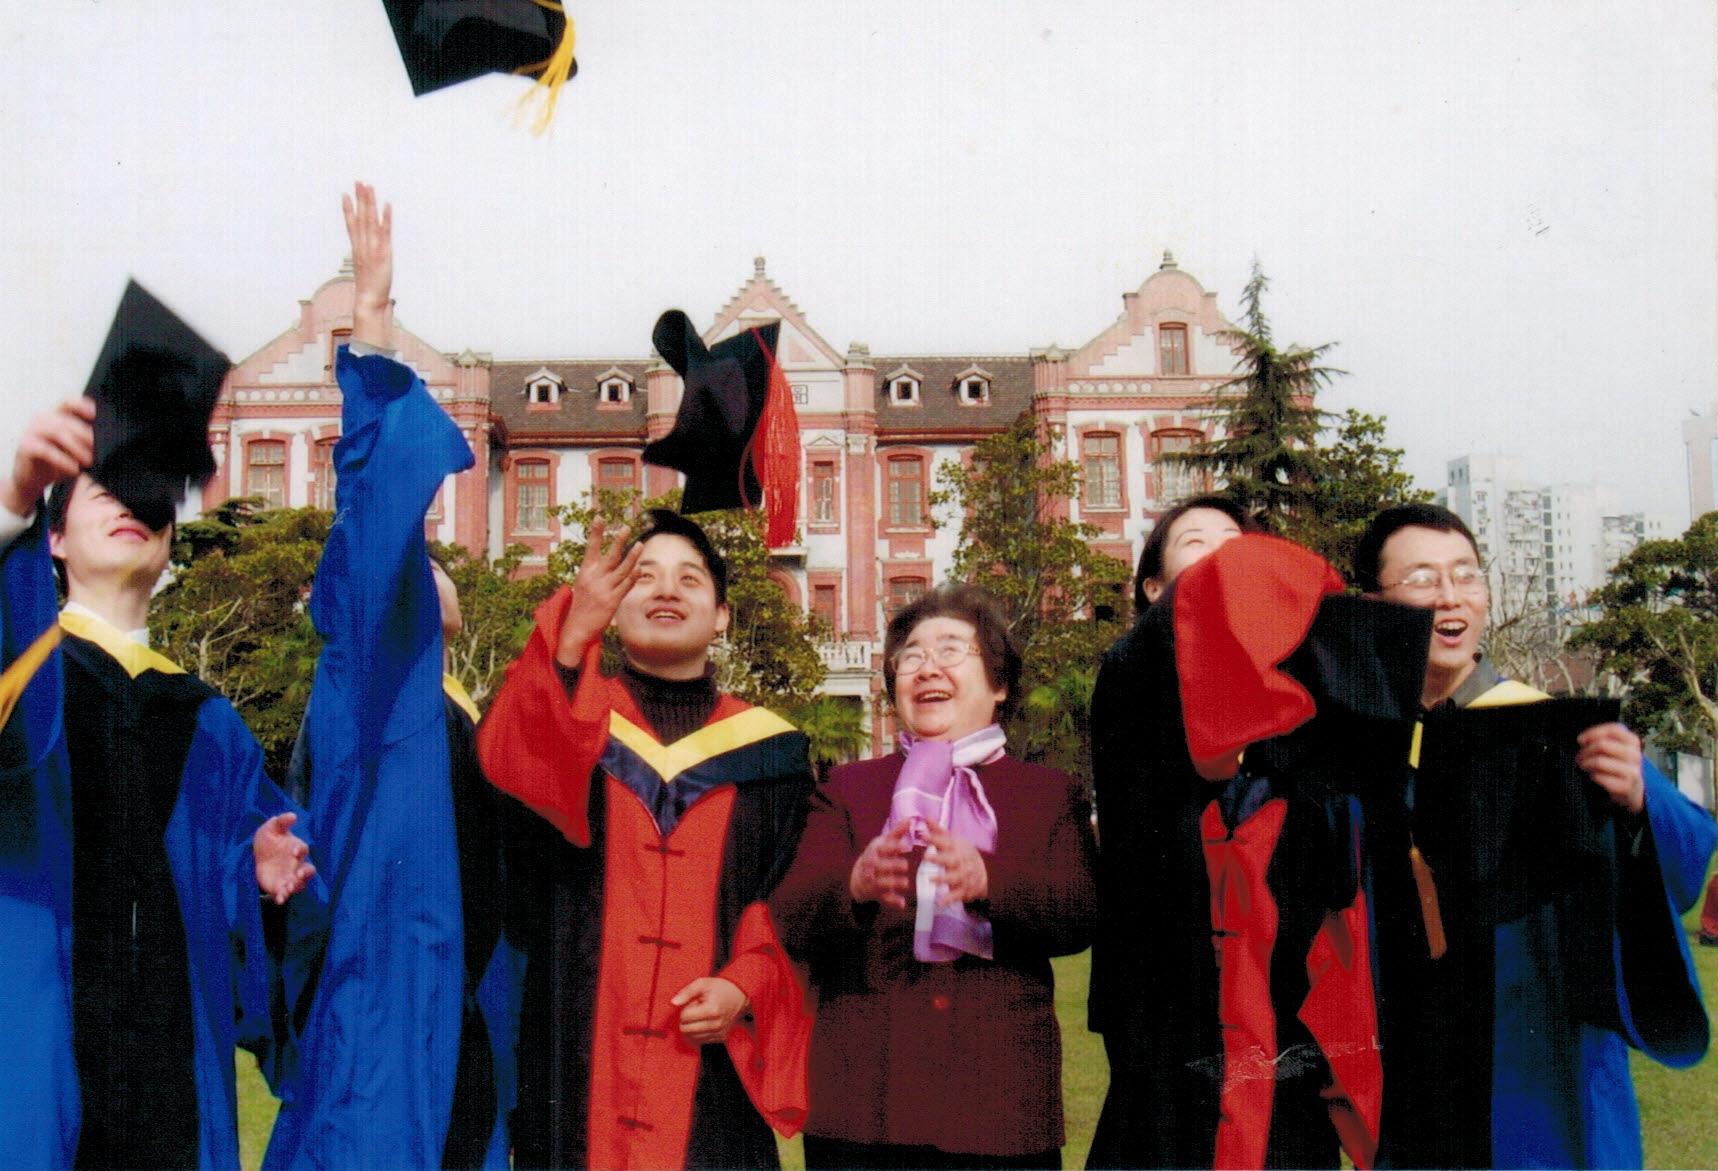 本世纪初,陈亚珠院士与博士生们一起抛毕业帽,共同分享毕业时刻的喜悦.JPG